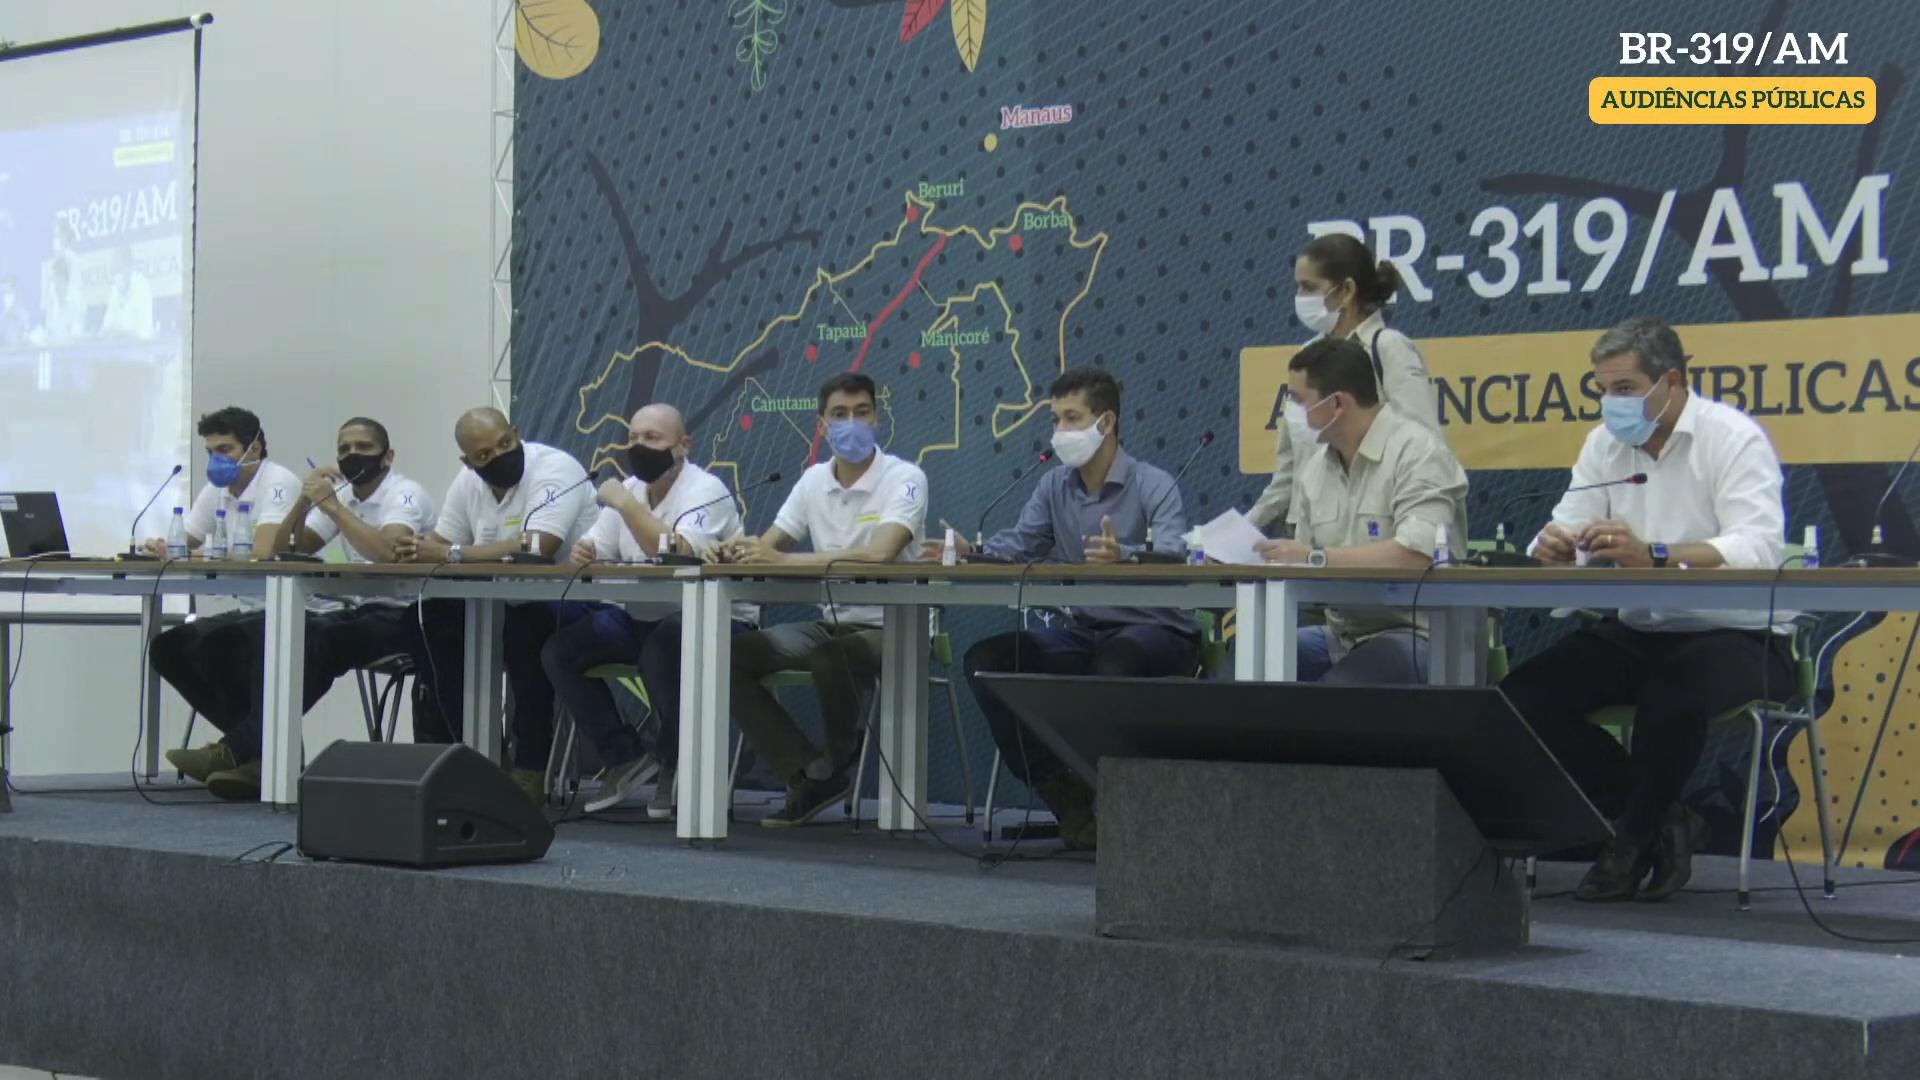 Audiências públicas BR-319: um atentado aos interesses nacionais do Brasil e ao futuro da Amazônia